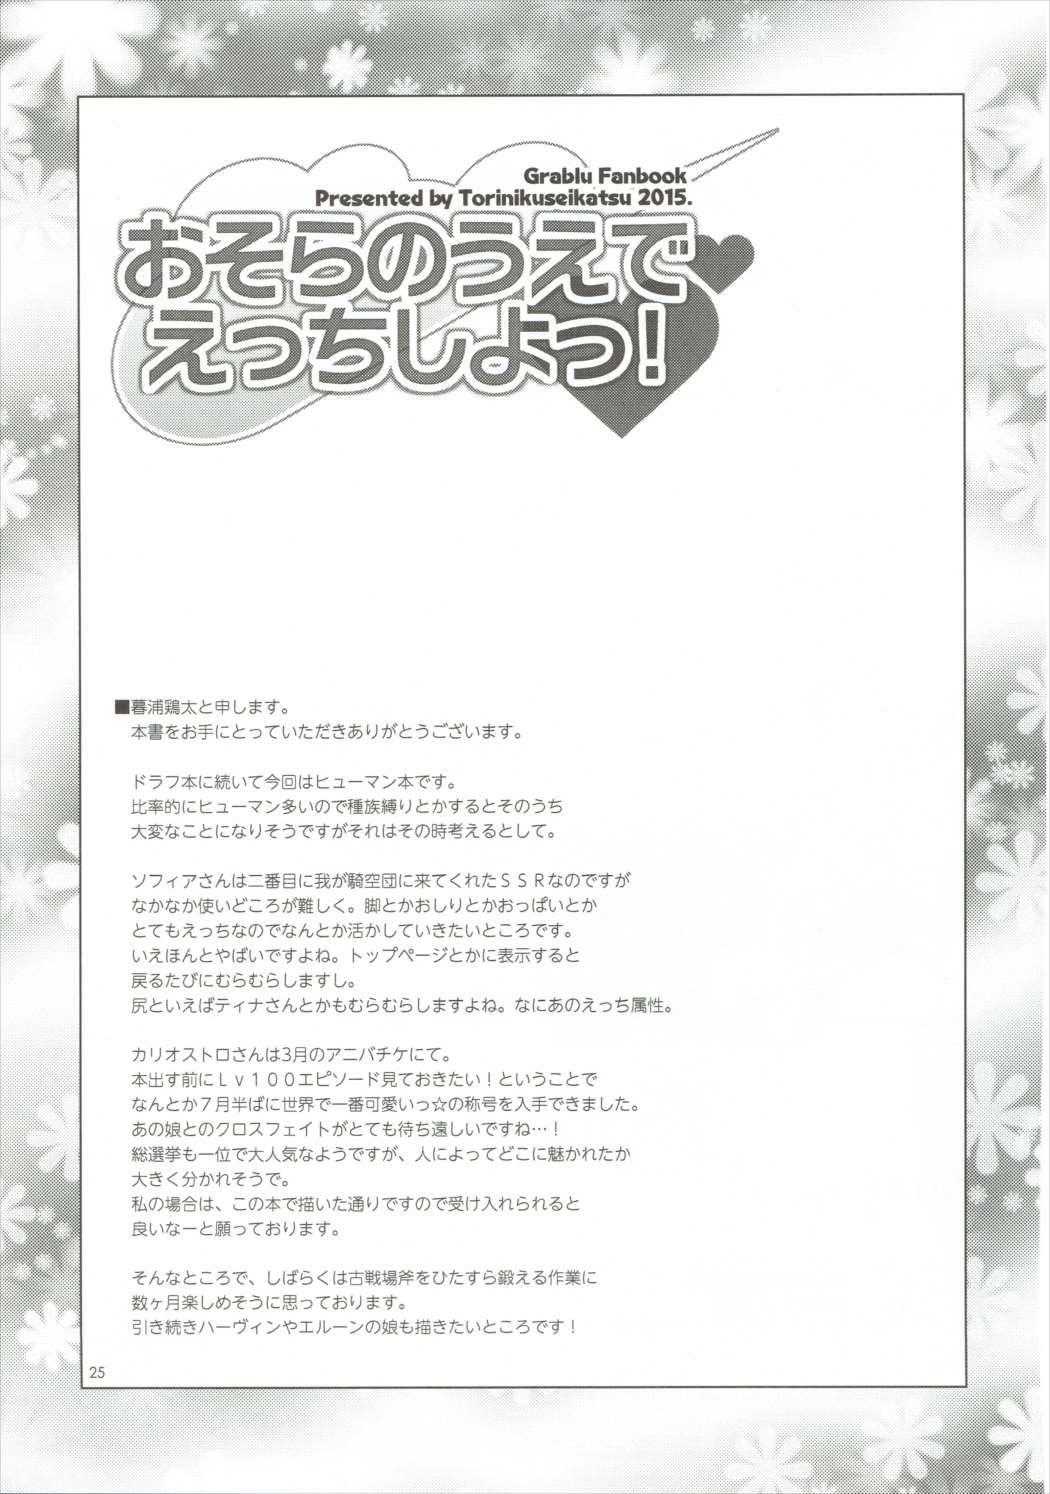 Osora no Ue de Ecchi Shiyo! 23